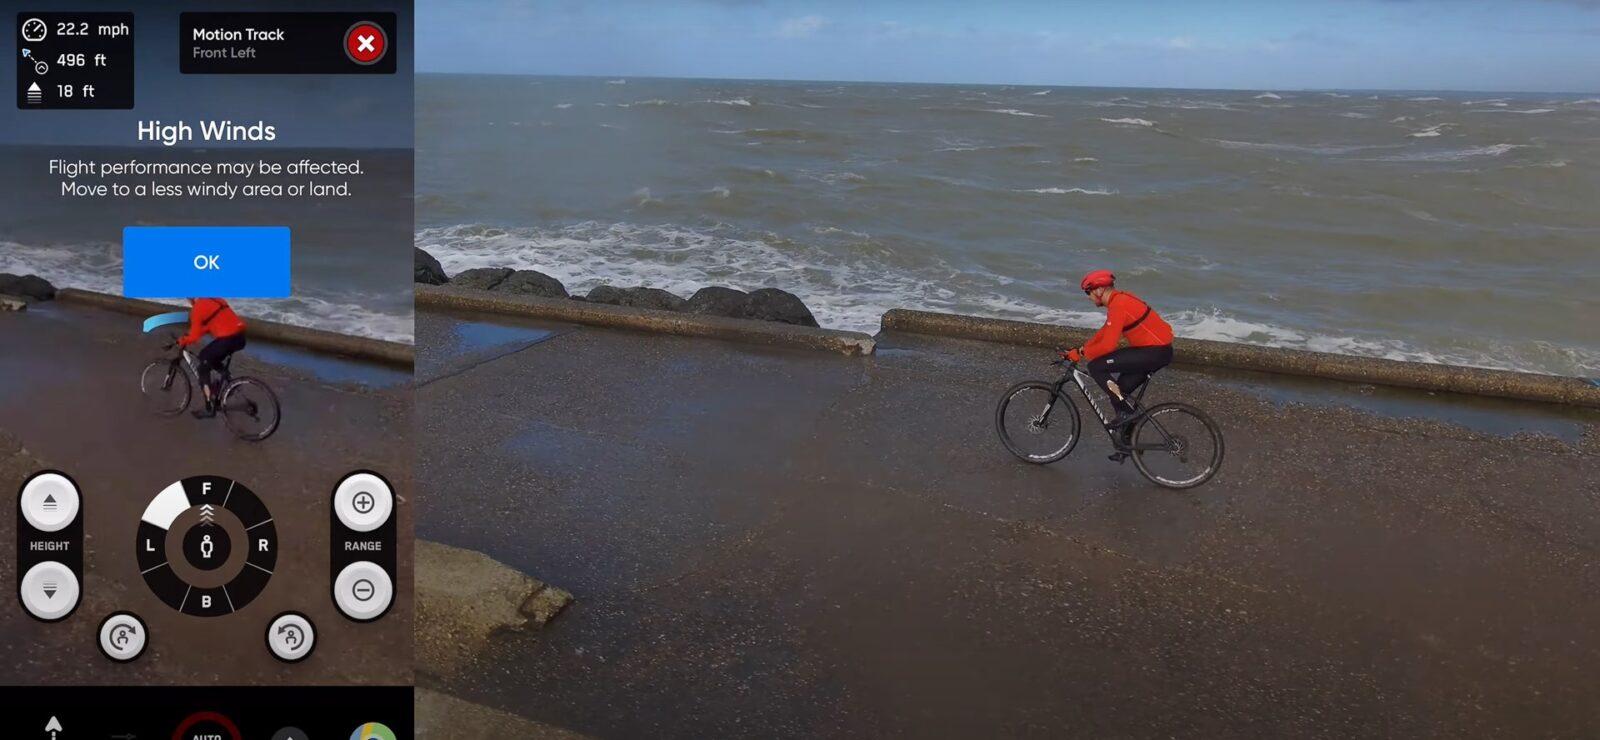 Квадрокоптер Skydio 2 борется с сильным ветром, дождем и брызгами.